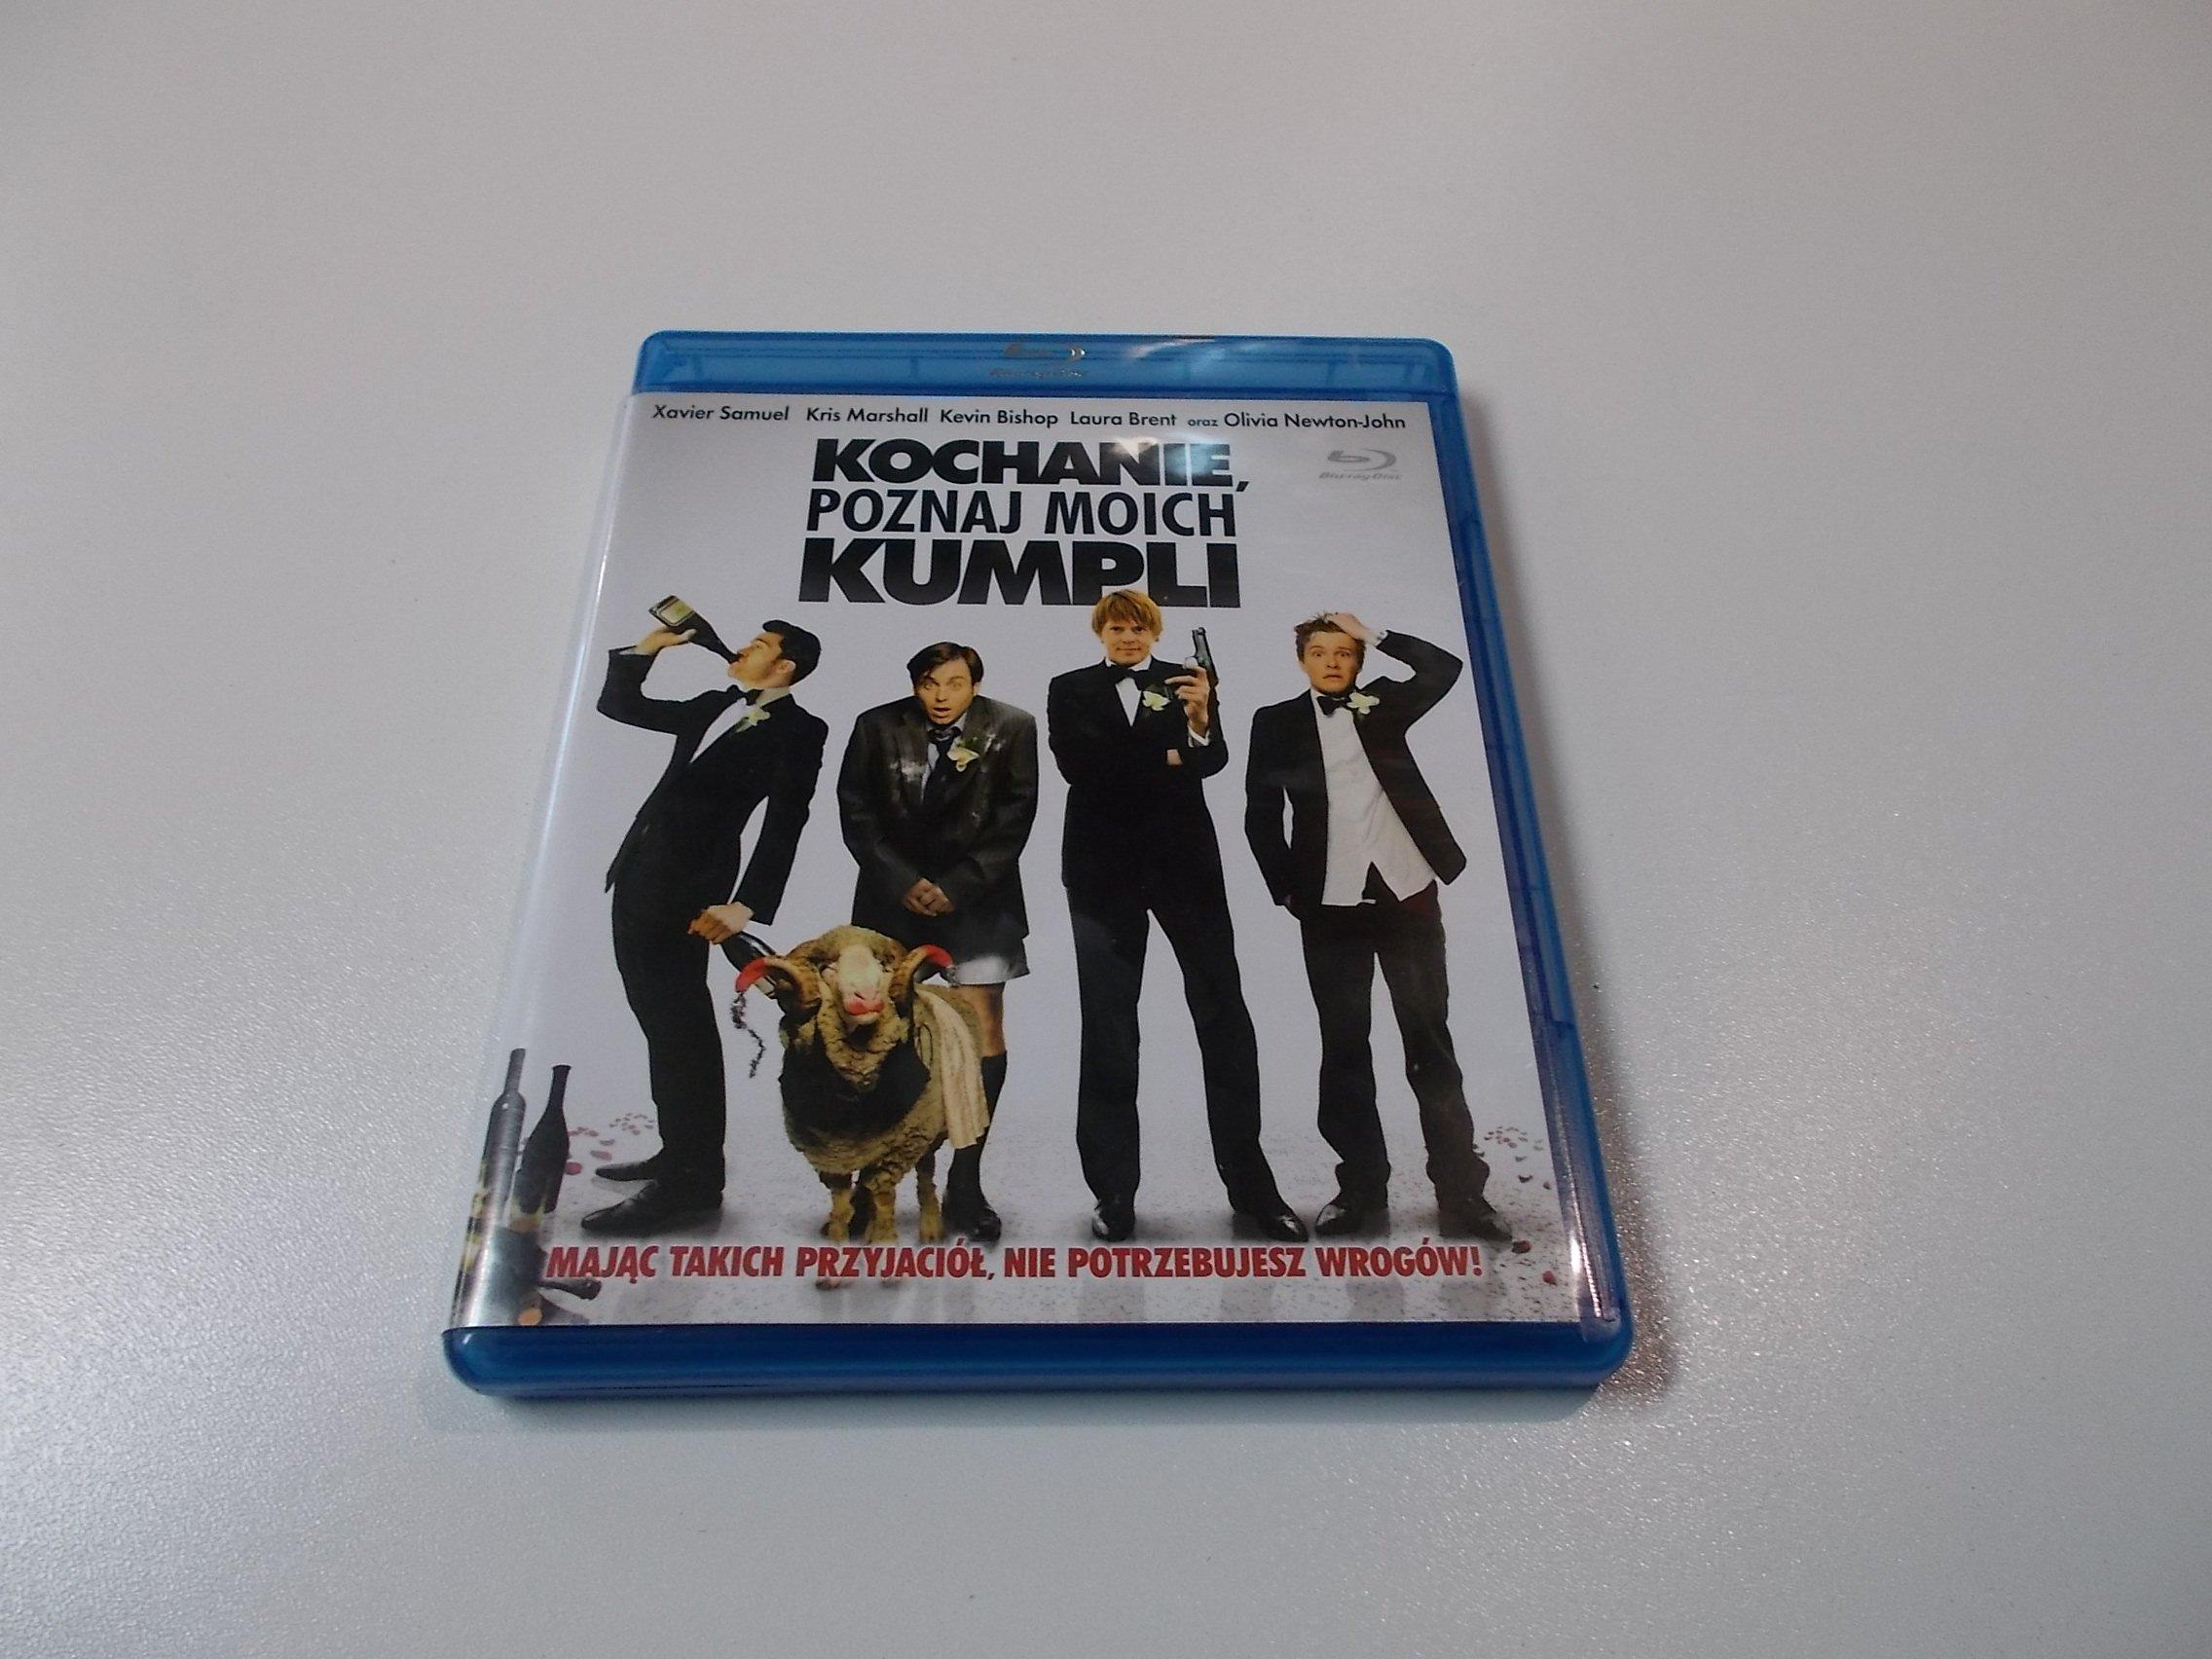 Kochanie poznaj moich kumpli - Płyta Blu-ray - Opole